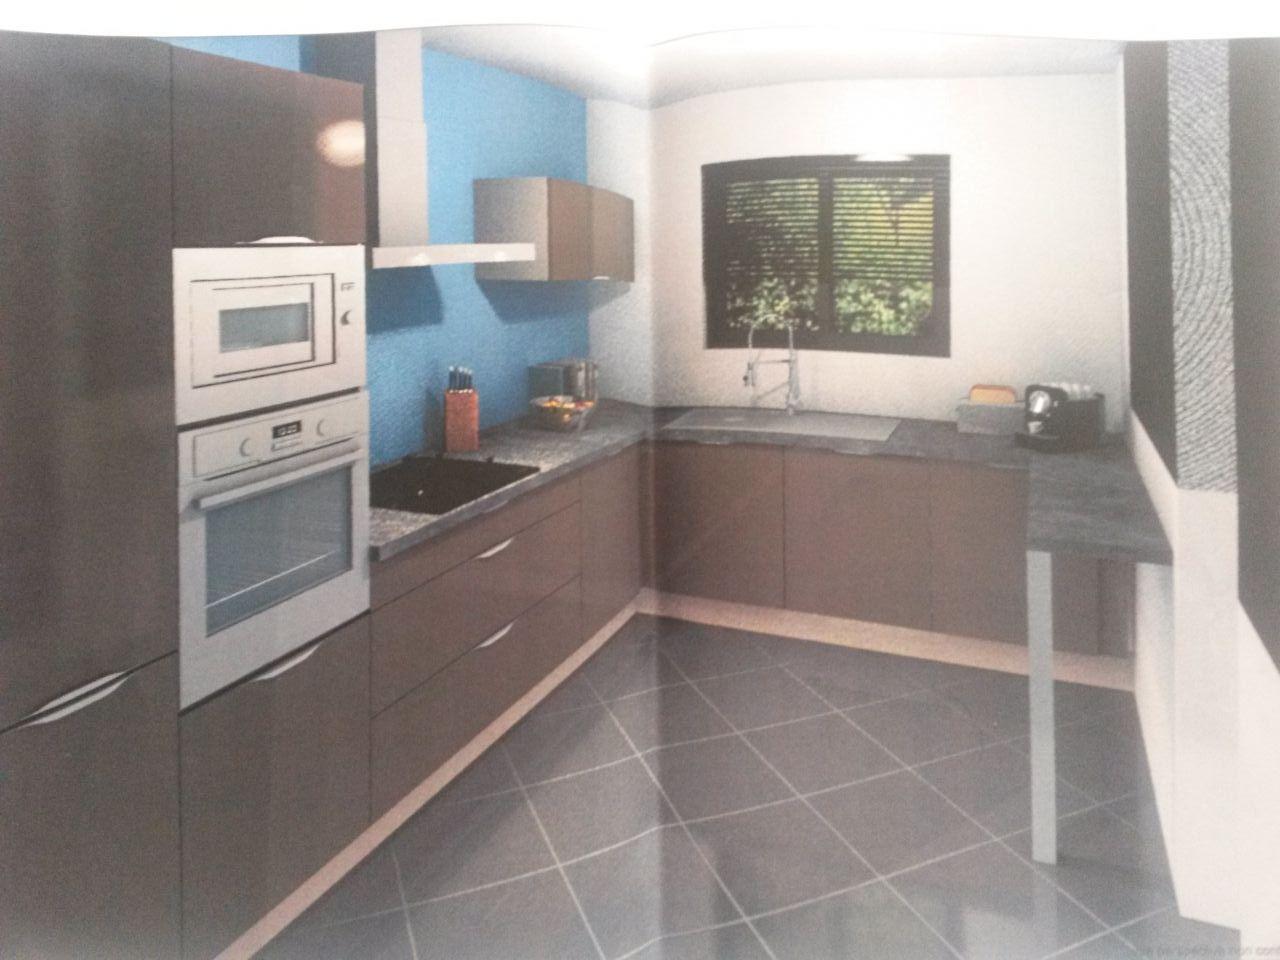 Les projets implantation de vos cuisines 8902 messages page 557 - Forum cuisinella ...